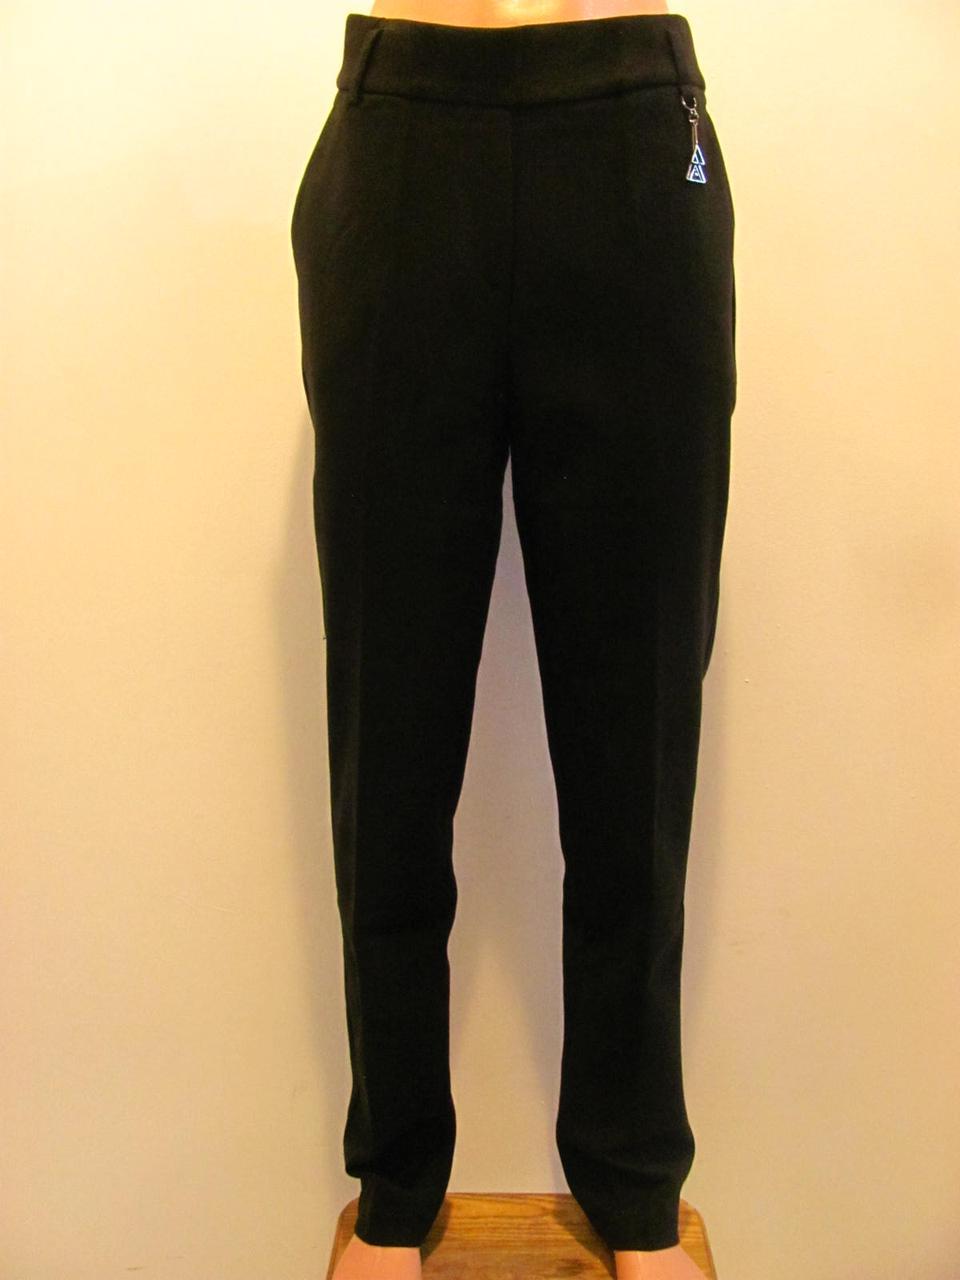 Женские высокие брюки зауженые , стильный вариант в холода( р-р.28,29,30,31,32),  код 3990М